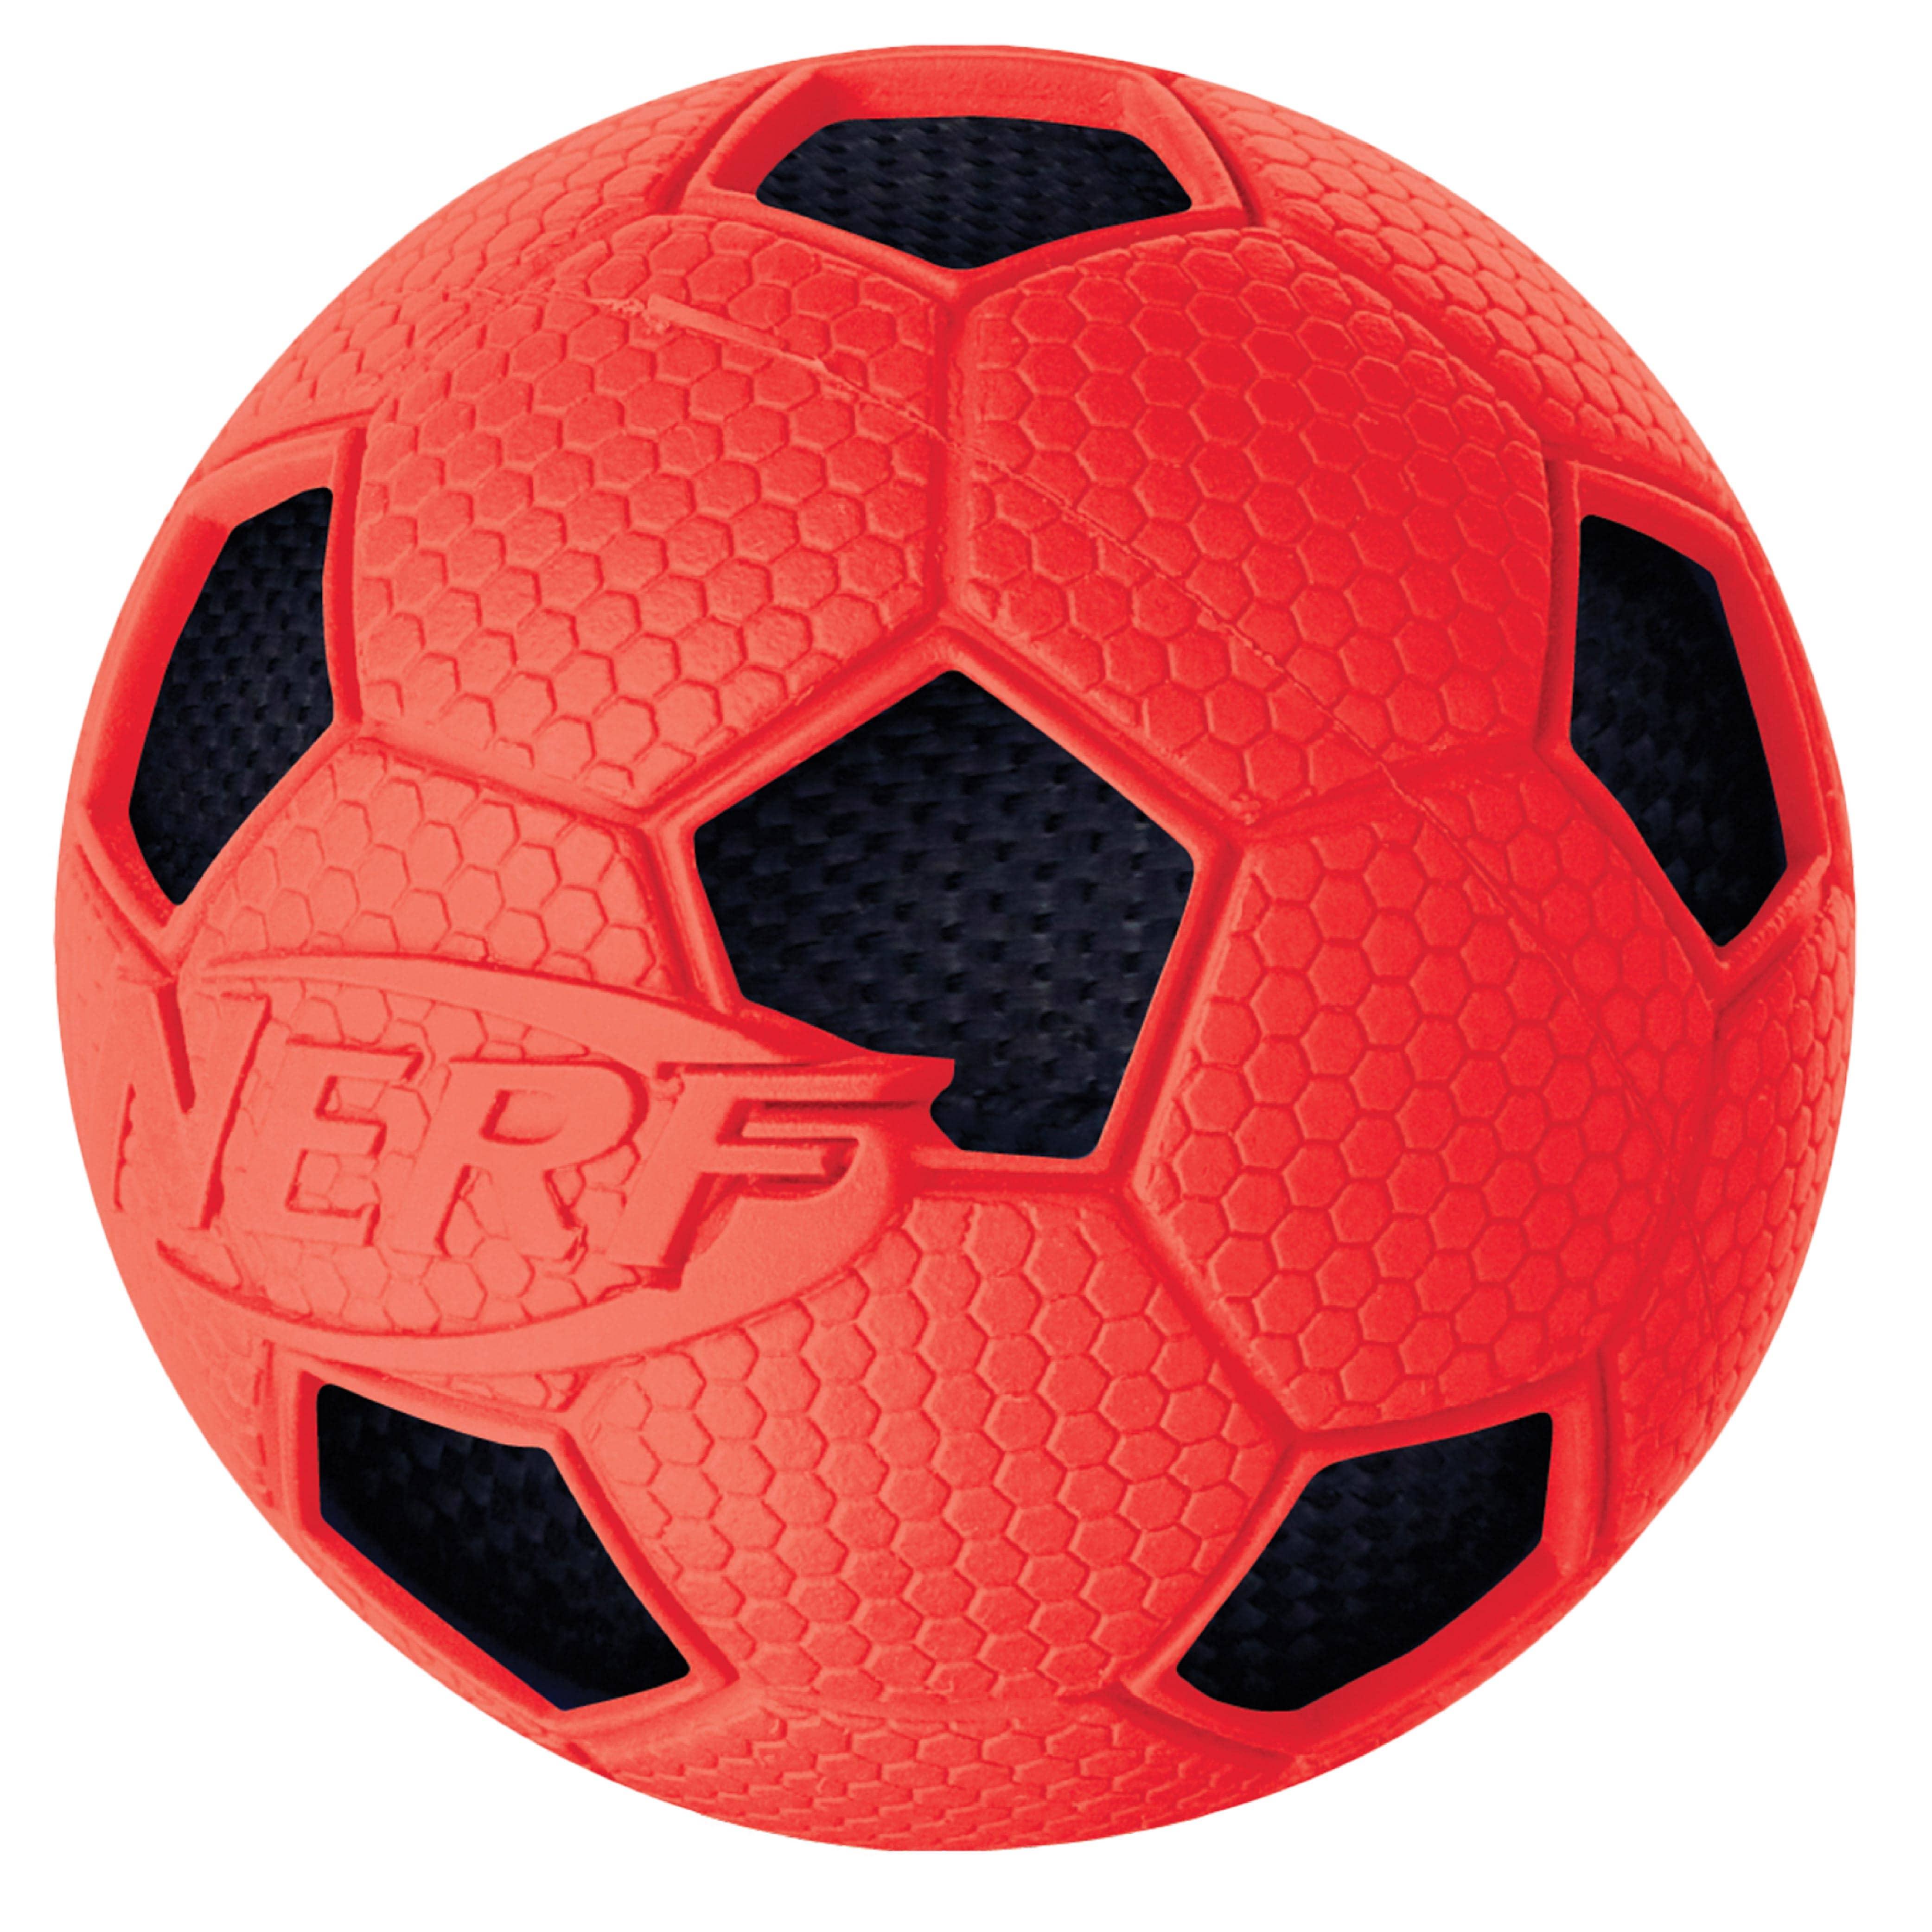 Nerf Dog Large Soccer Crunch Ball Nerf Dog Toys